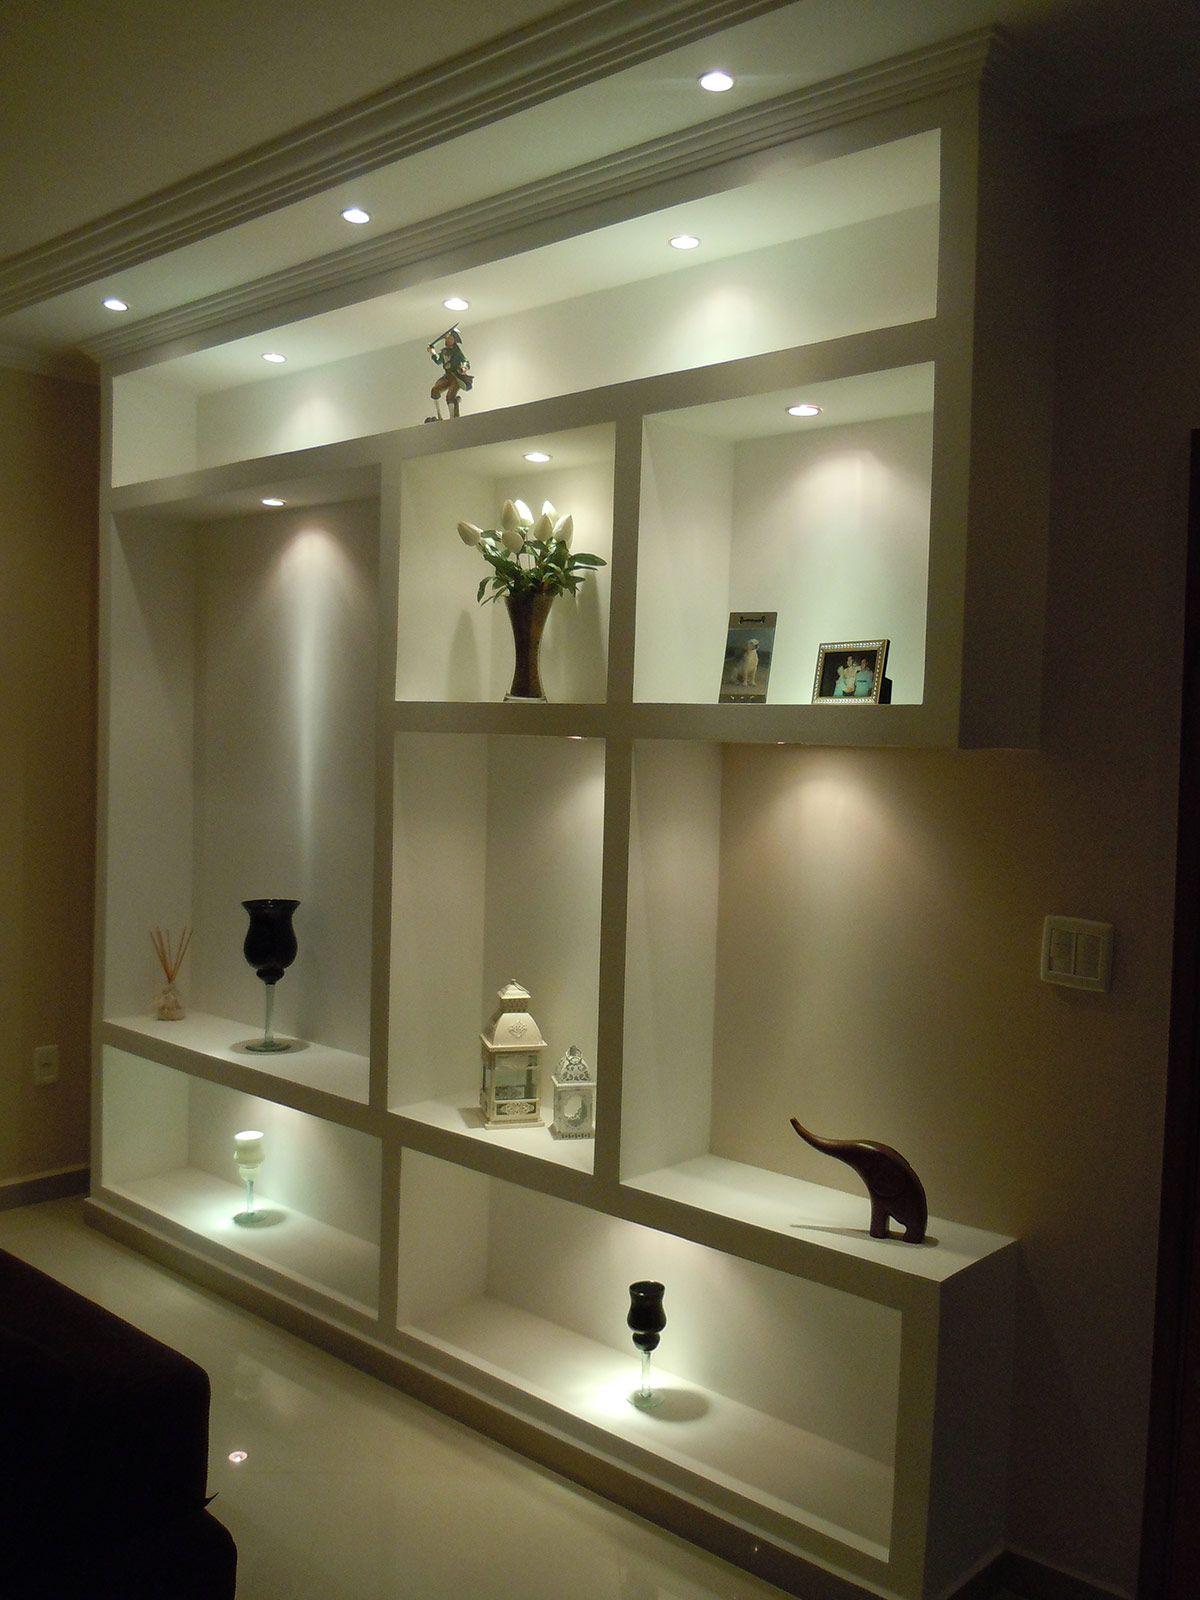 Estante com iluminação na parede da sala